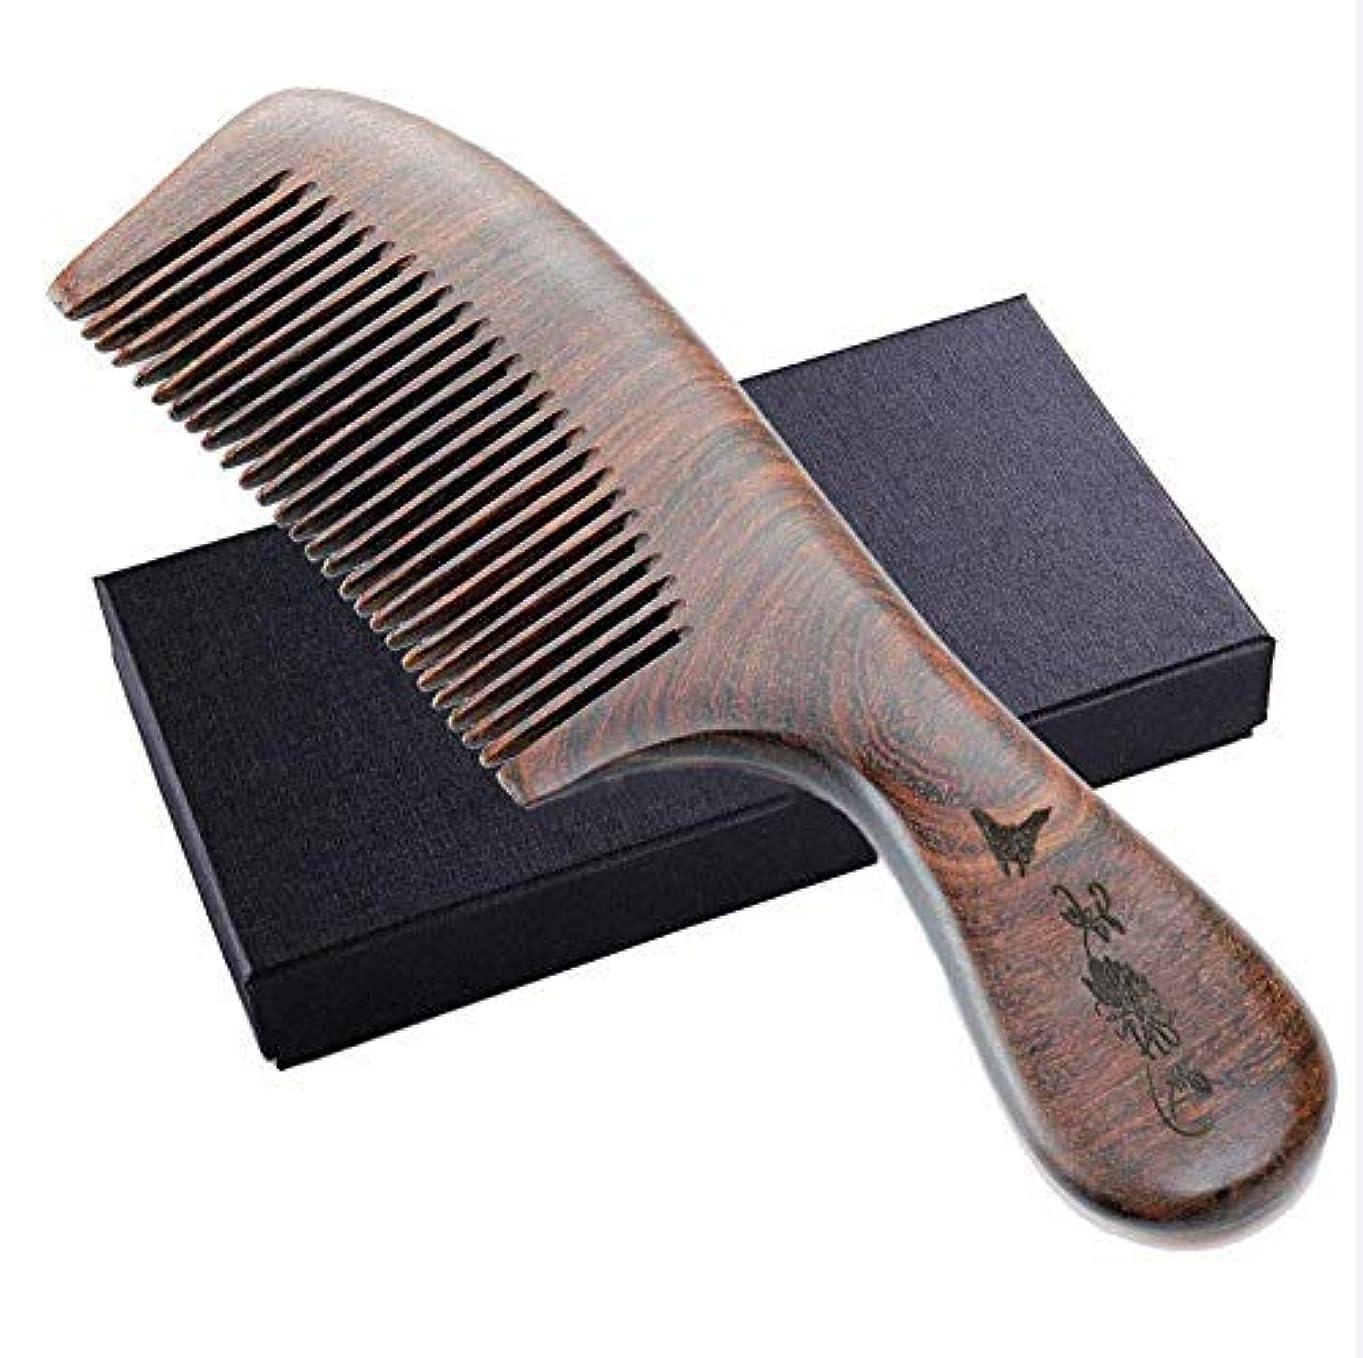 数学的なスコットランド人サイバースペースWooden Hair Comb, Anti-Static, Detangling Fine Tooth Shower Comb,No Static Natural Wooden Sandalwood Comb for...